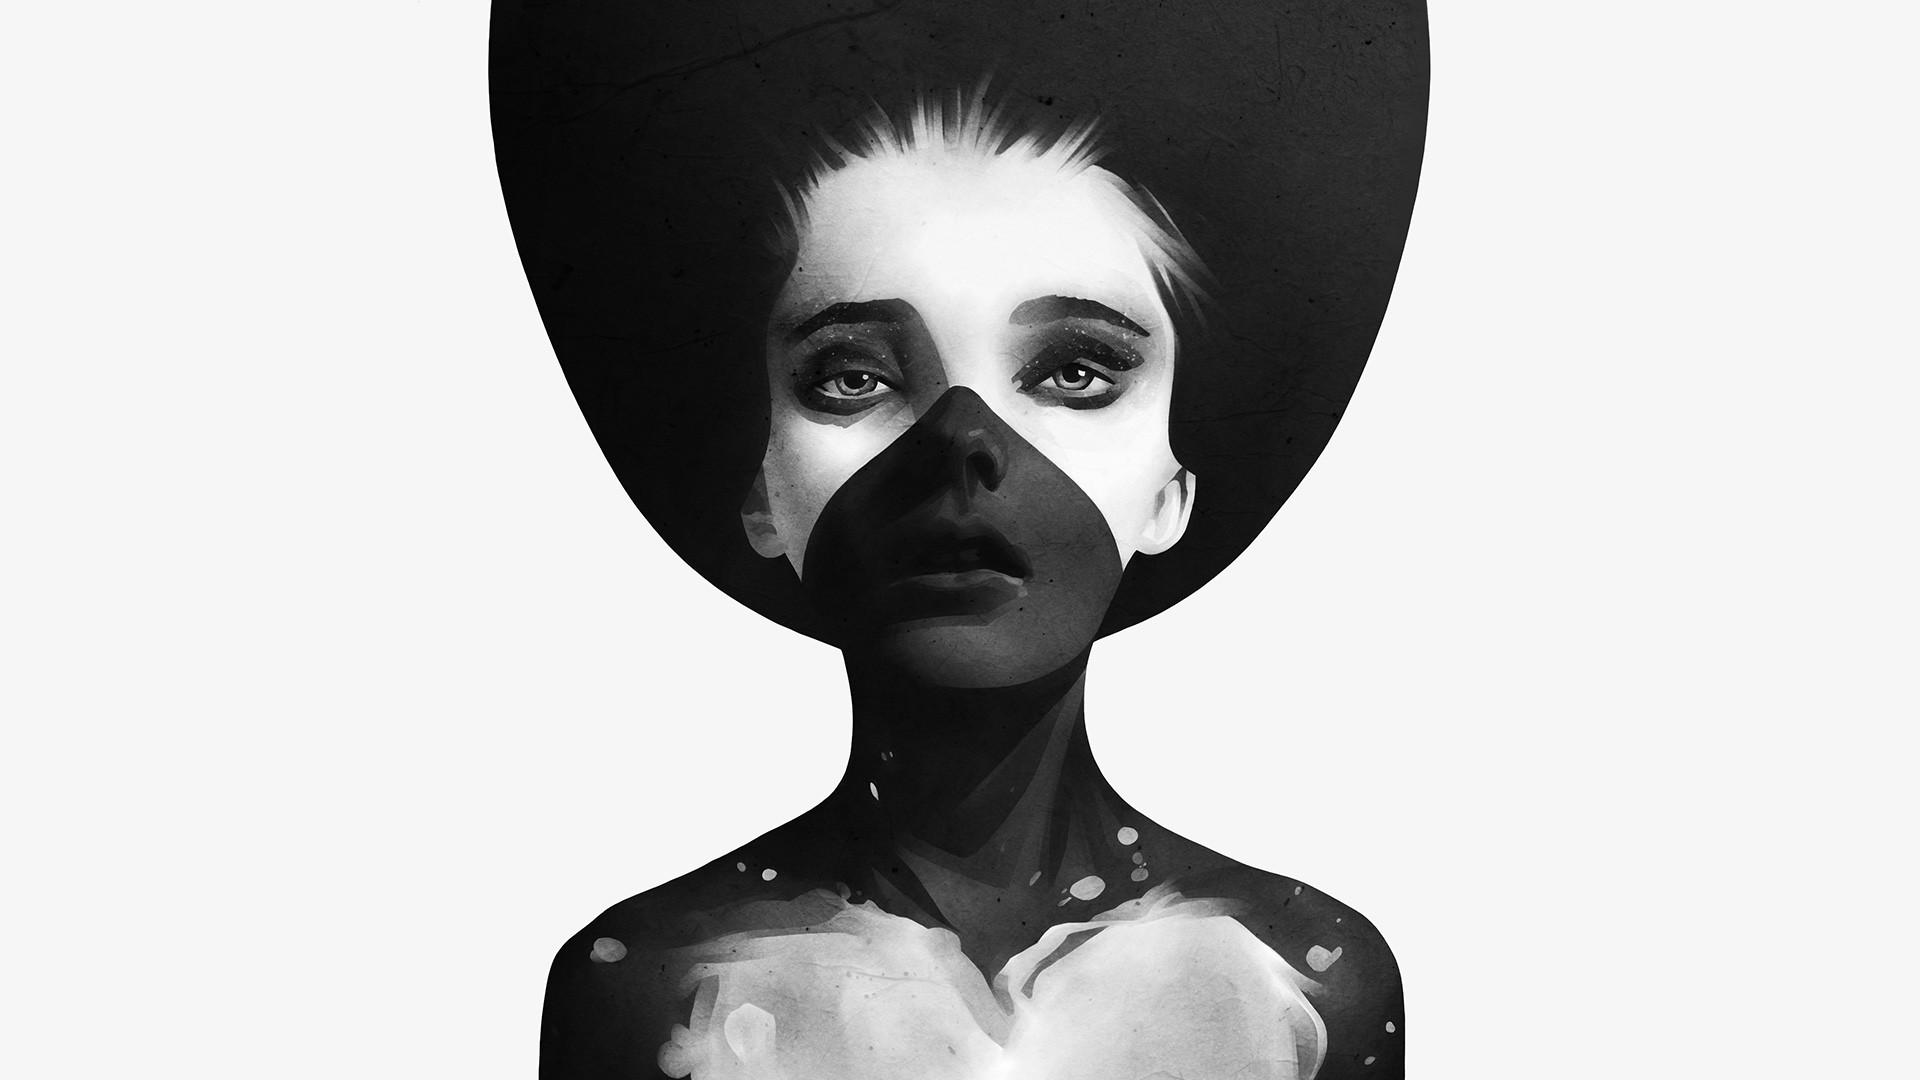 Черно белые картинки пластика